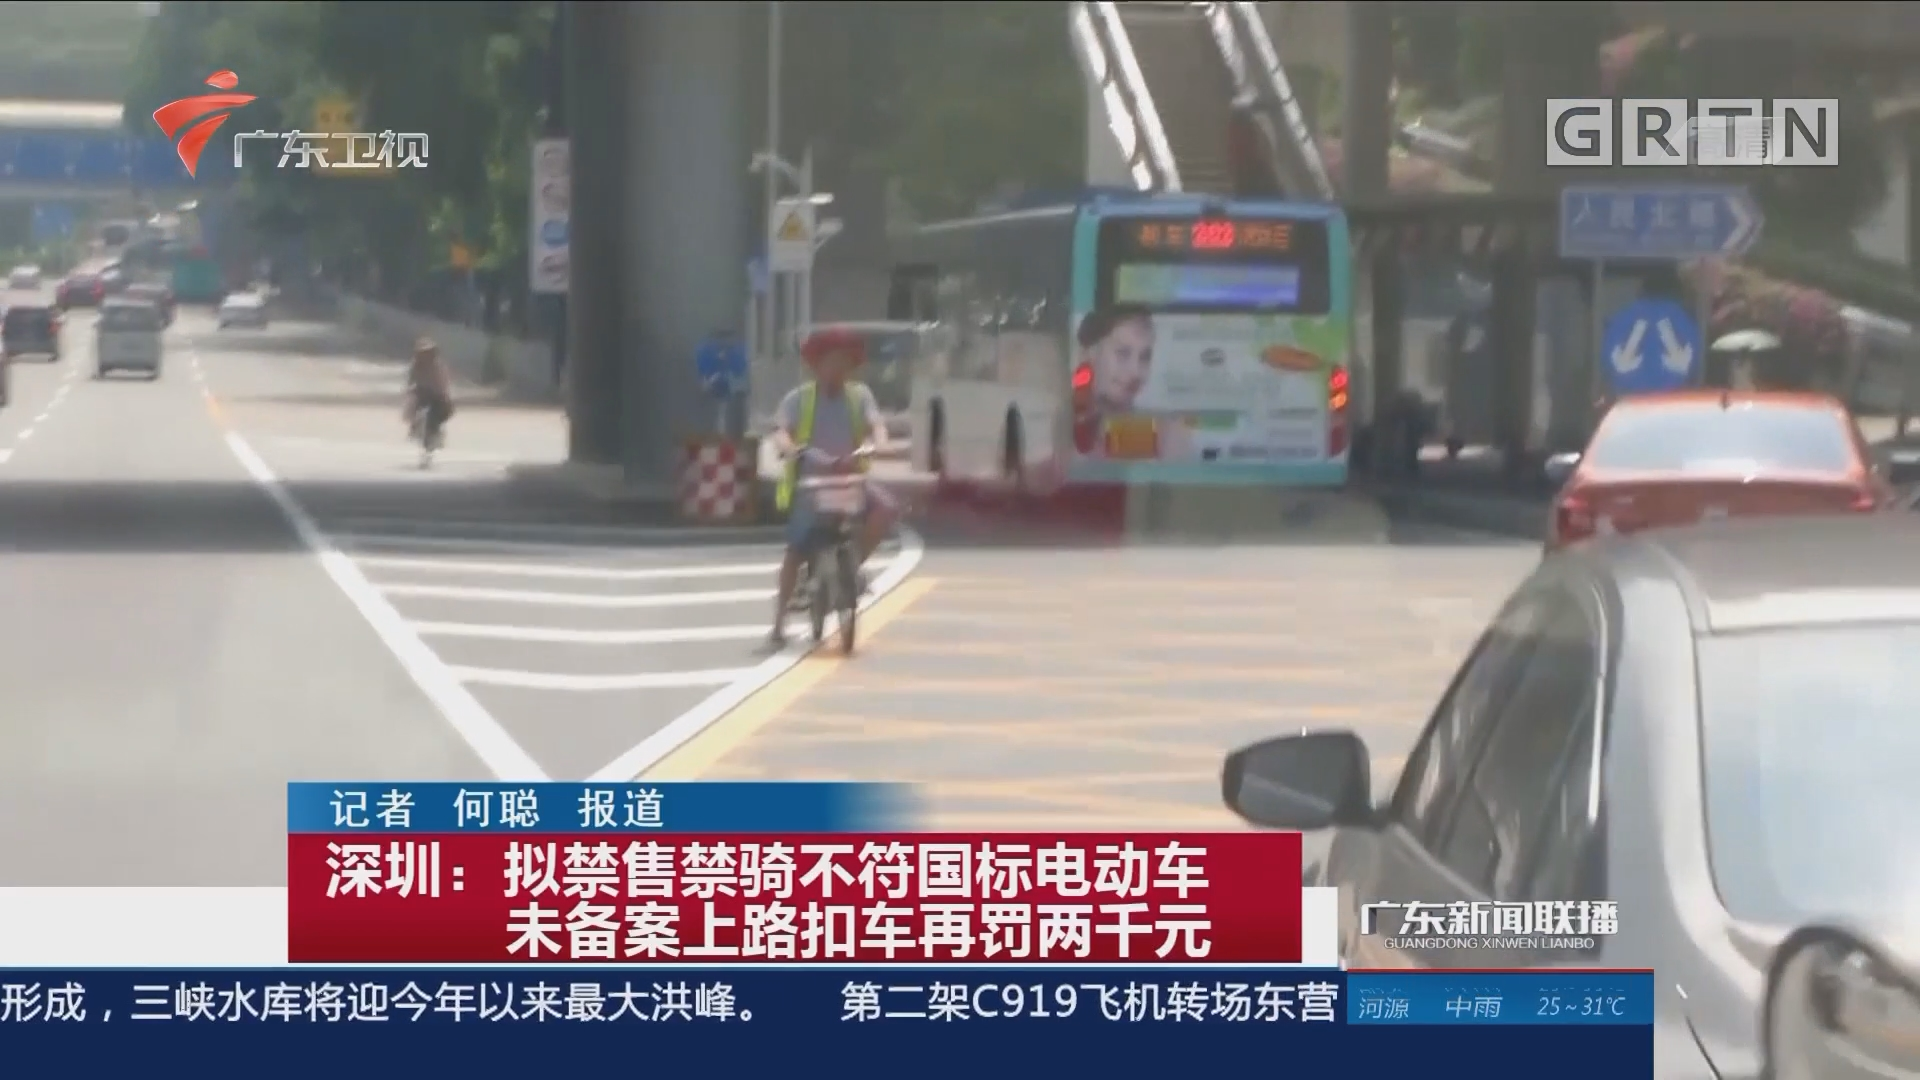 深圳:拟禁售禁骑不符国标电动车 未备案上路扣车再罚两千元